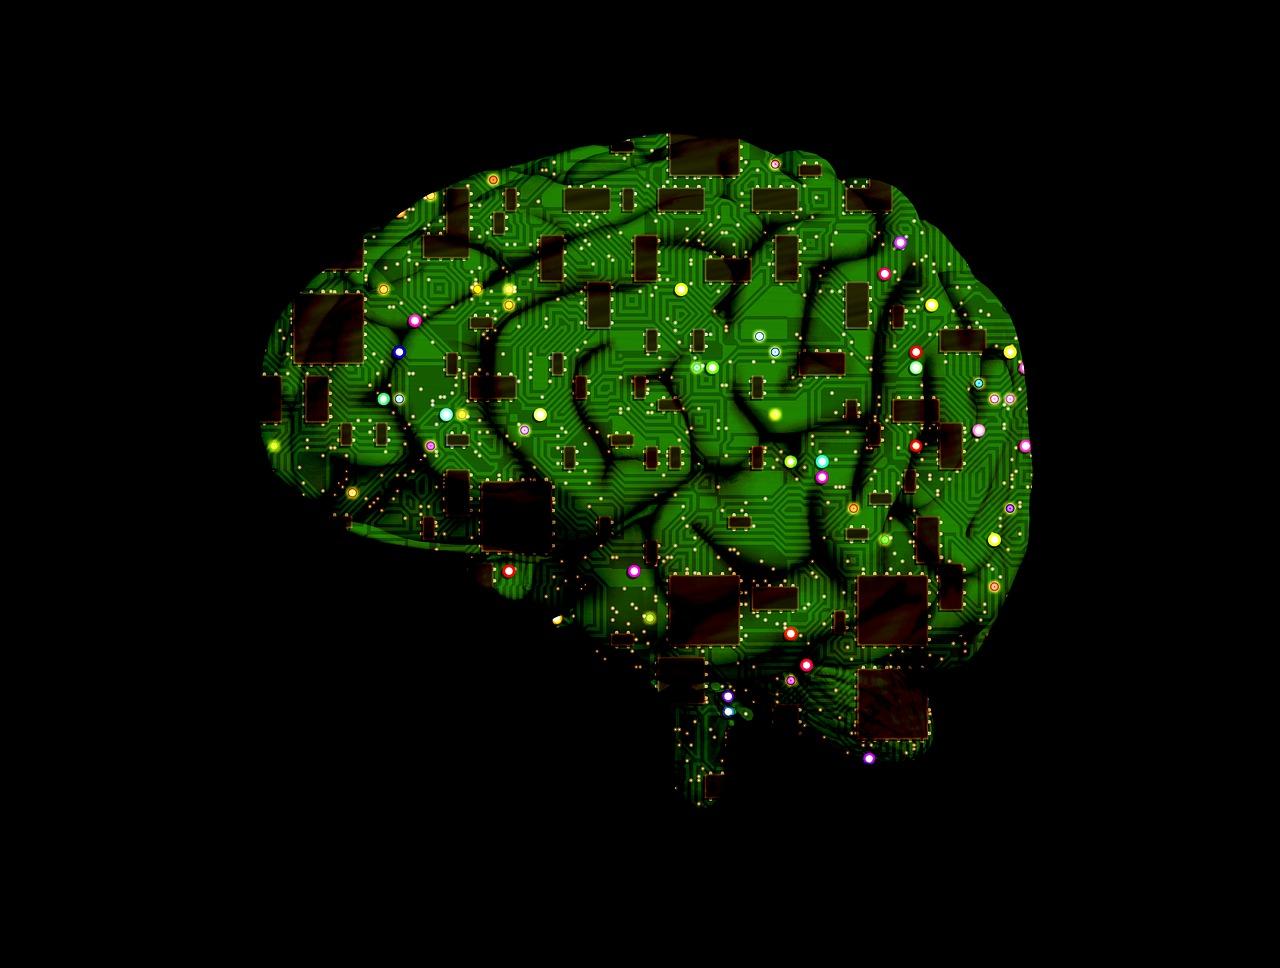 Onde cerebrali e creatività